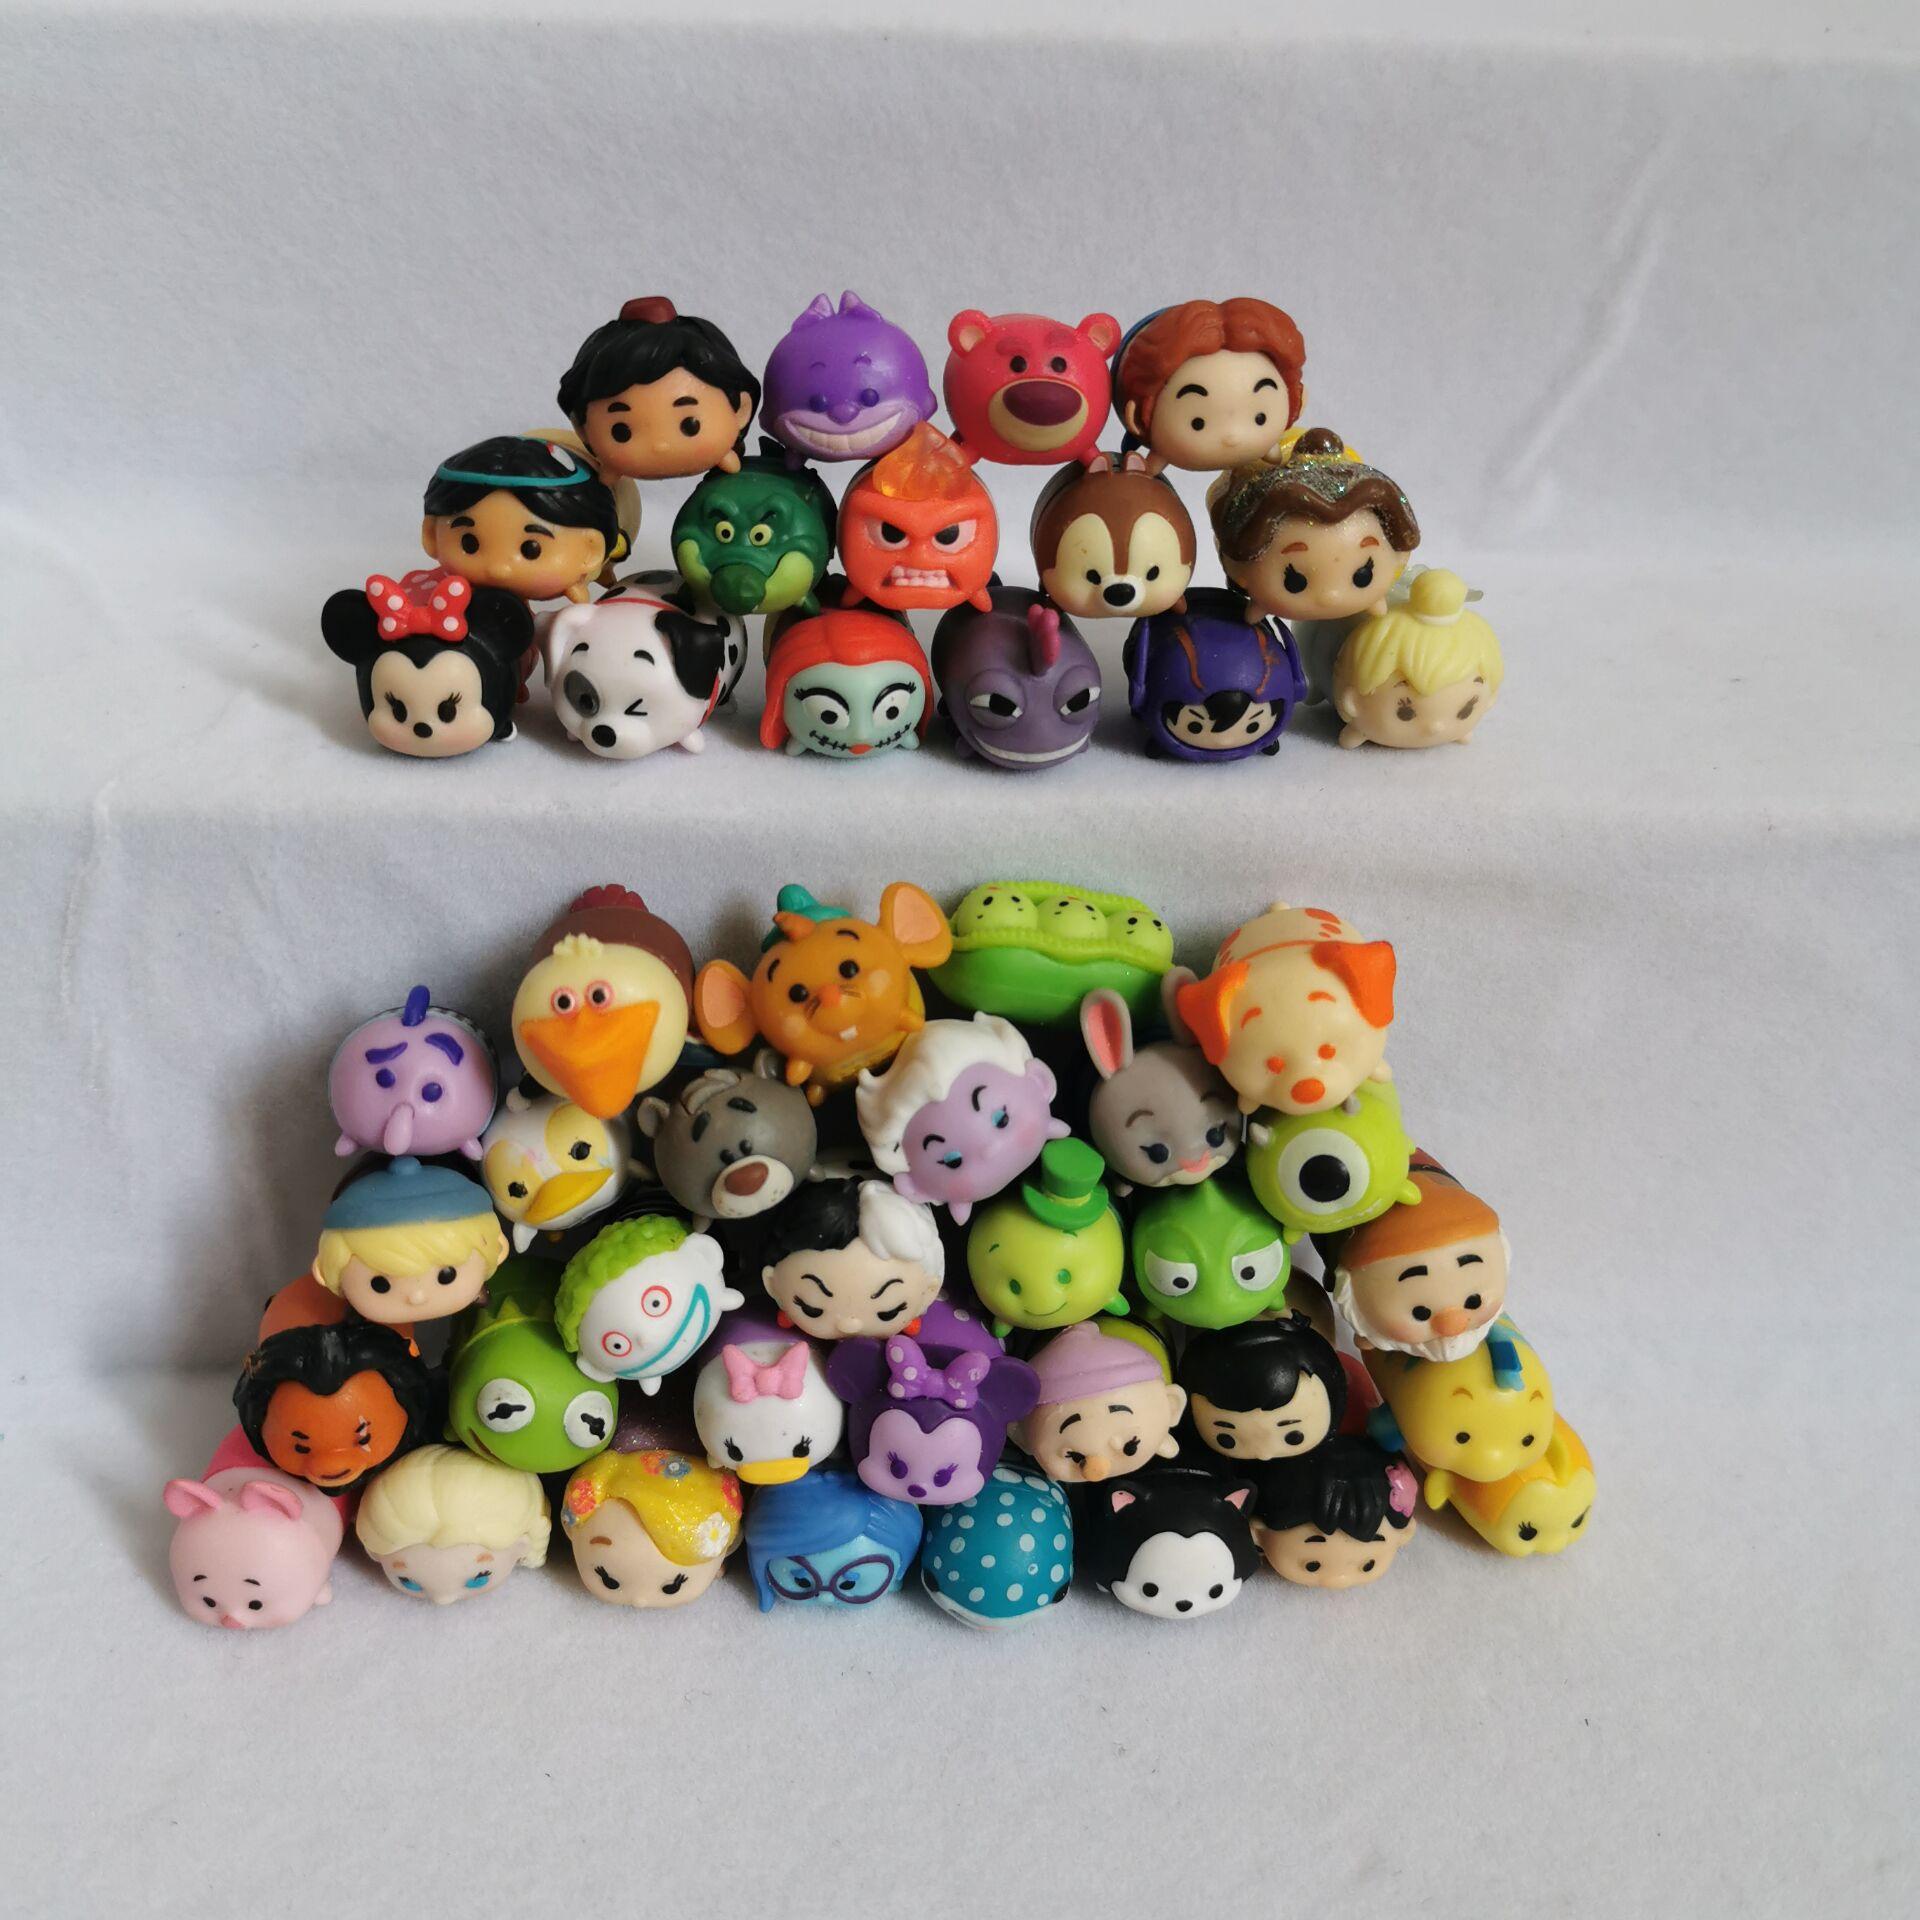 Отправить 10 шт. различных оригинальных Дисней pixar клубника медведь Вуди Микки Рапунцель ЦУМ кукла ребенок